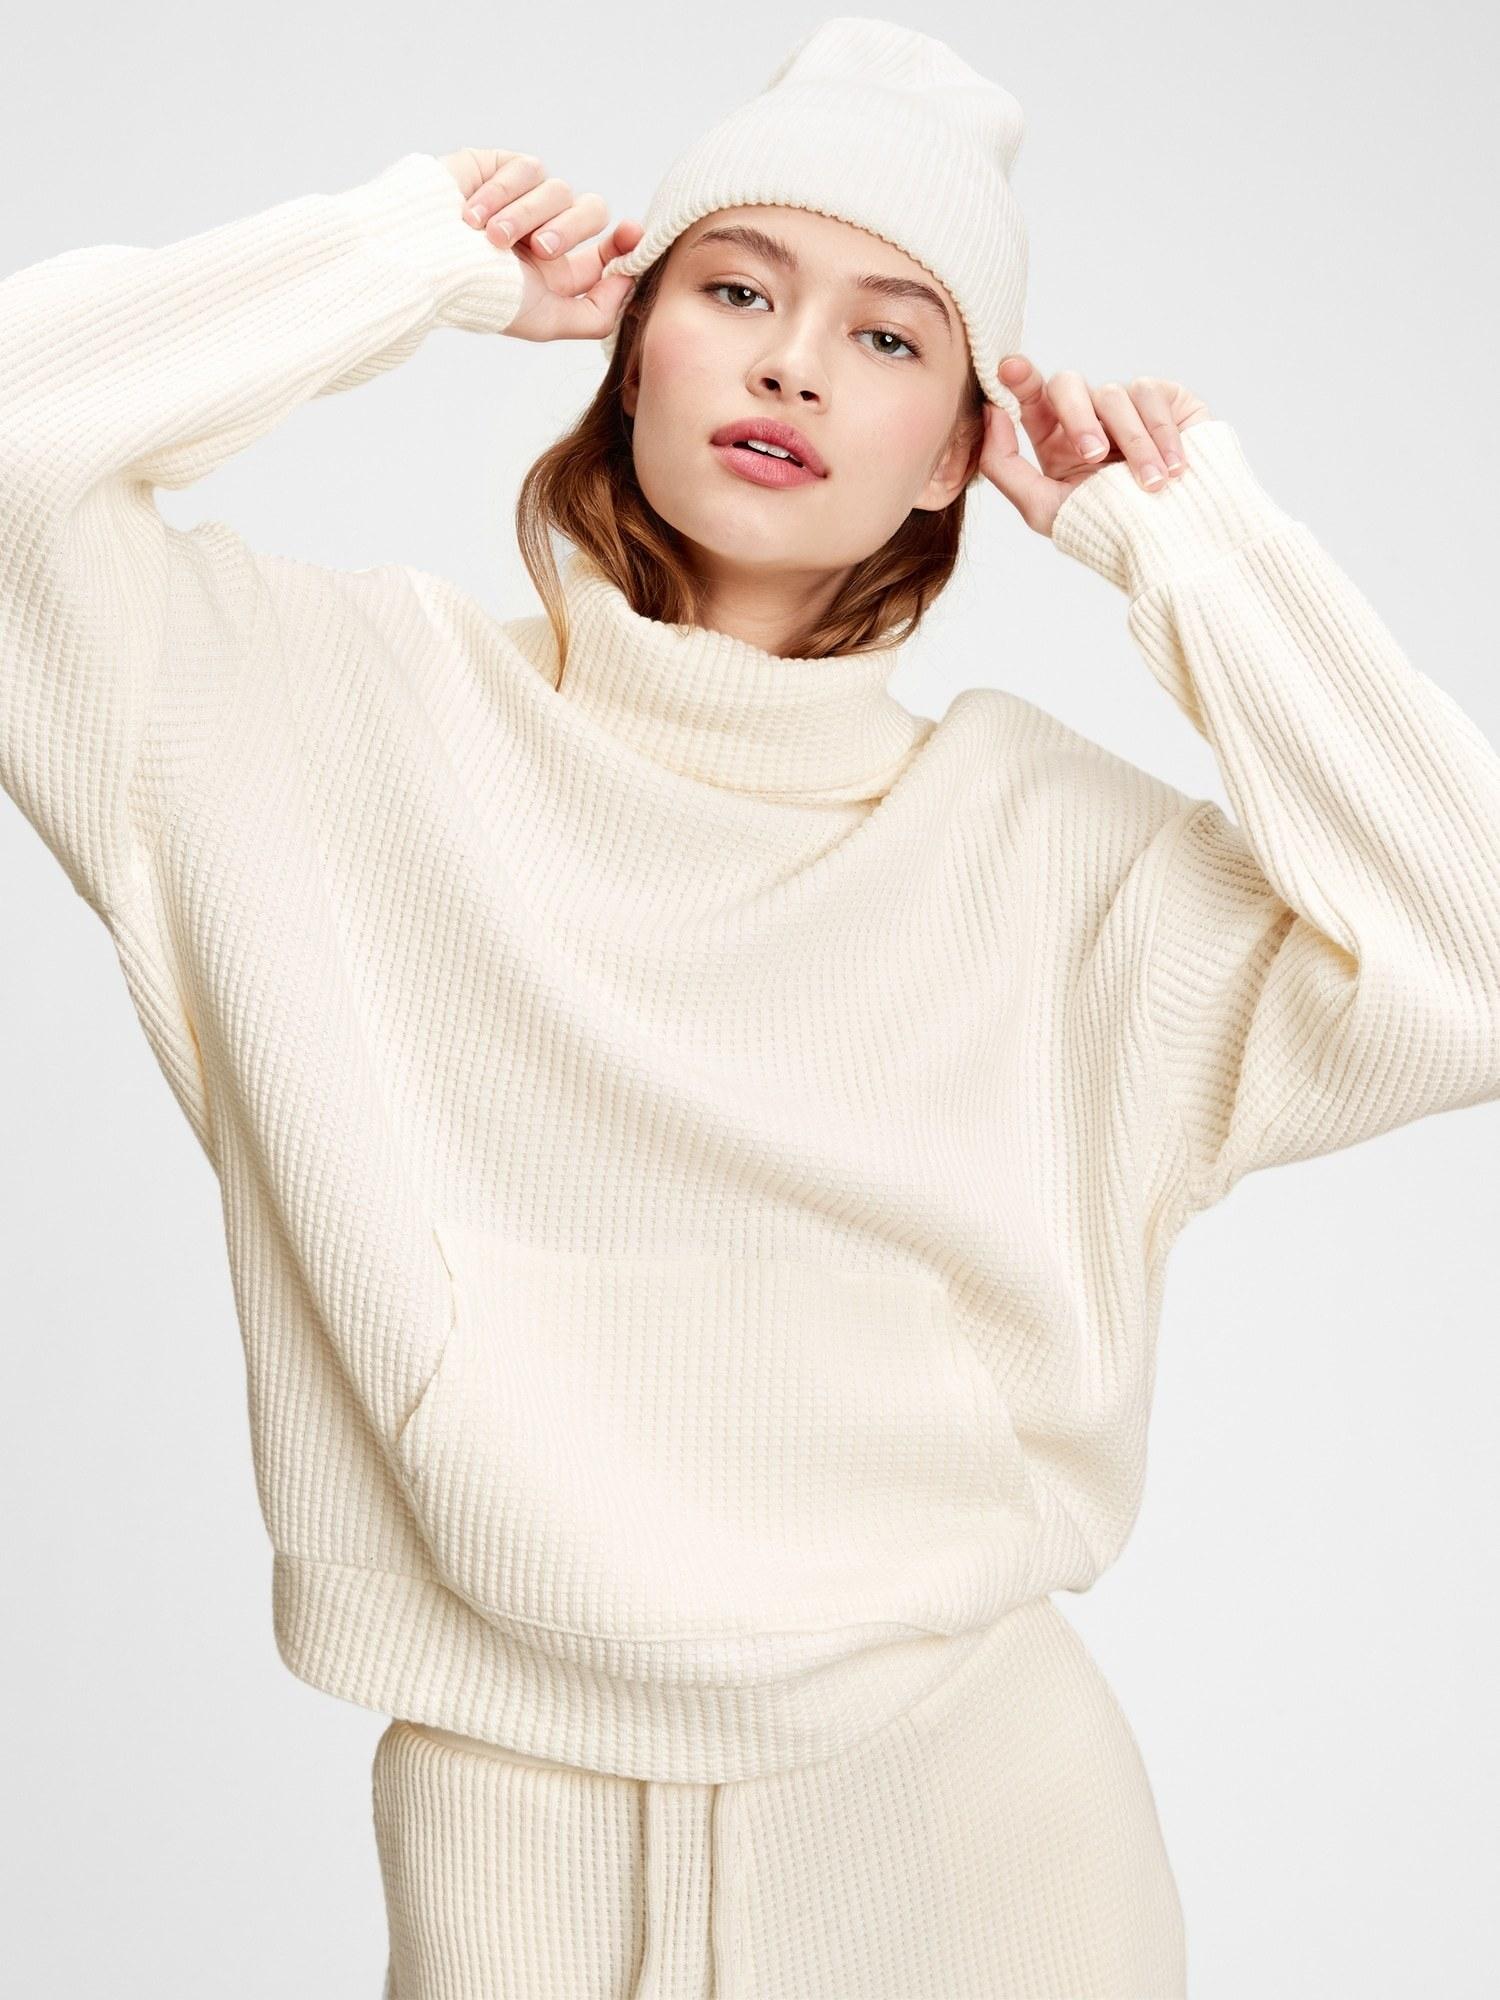 model wearing waffle-knit turtleneck pocket sweatshirt in antique white